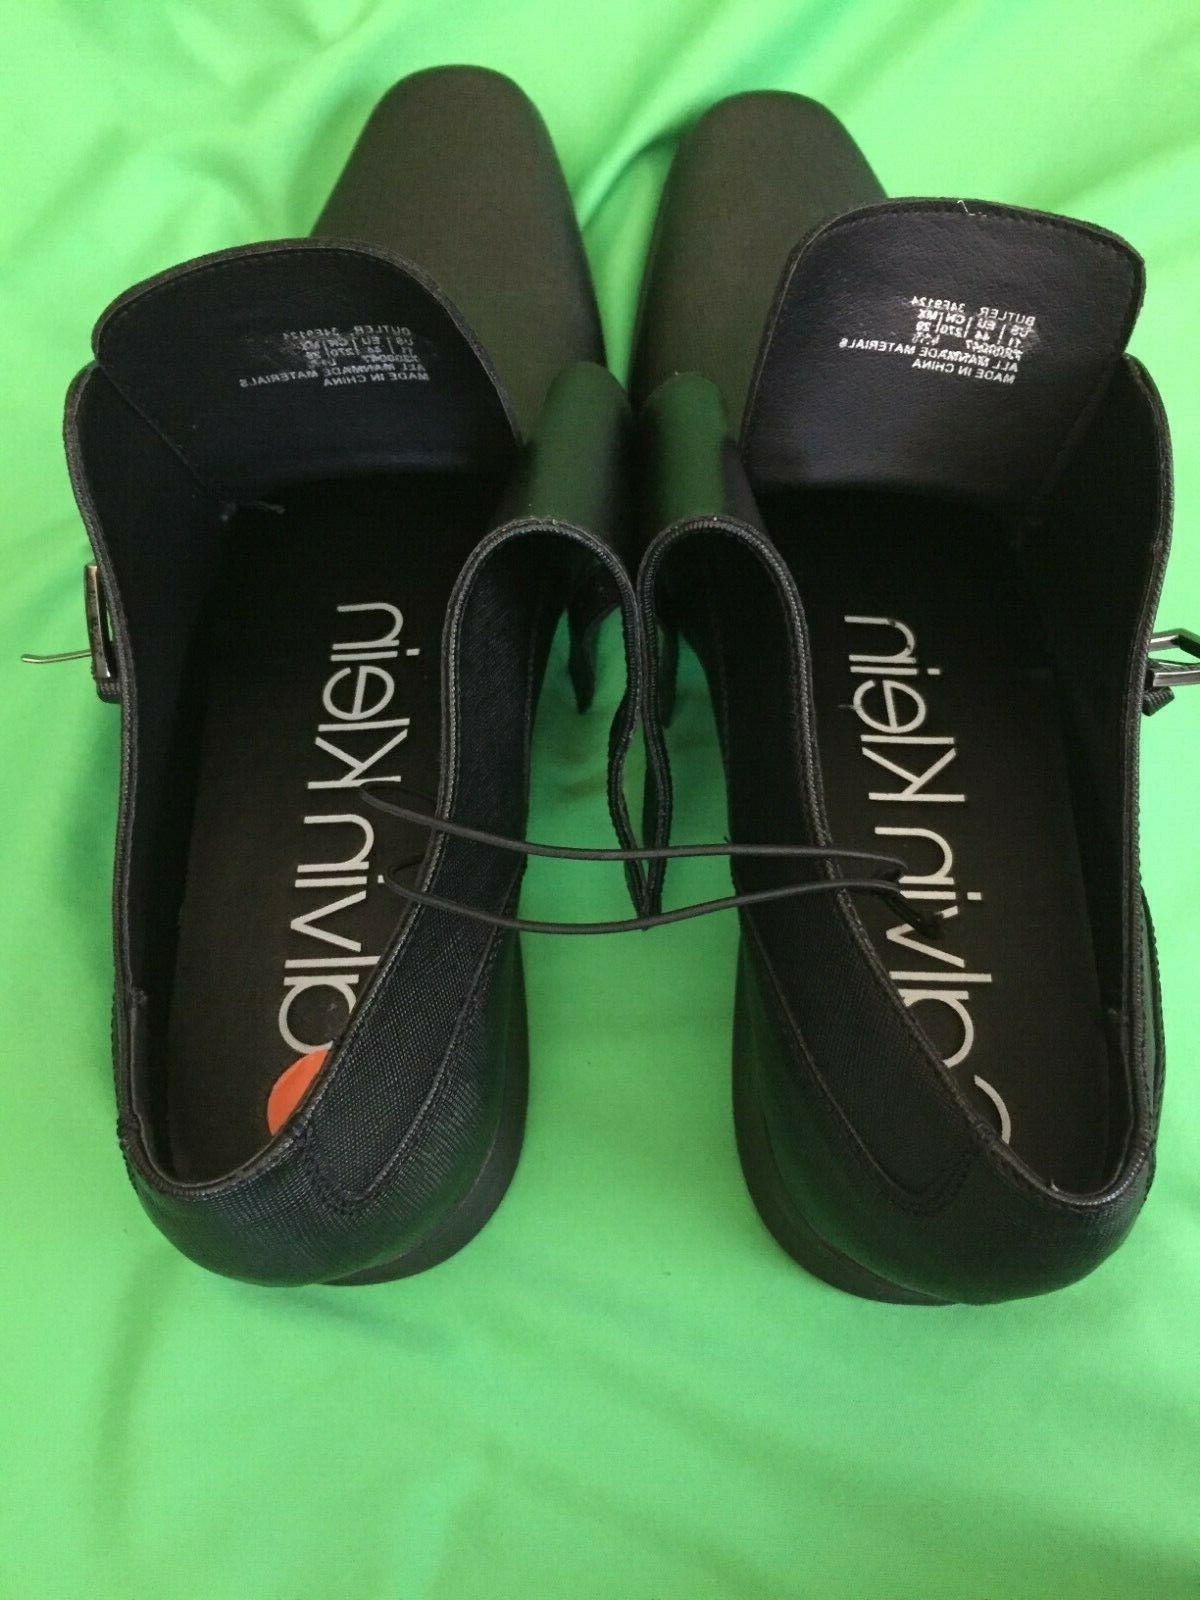 Calvin Black Shoes Size 11